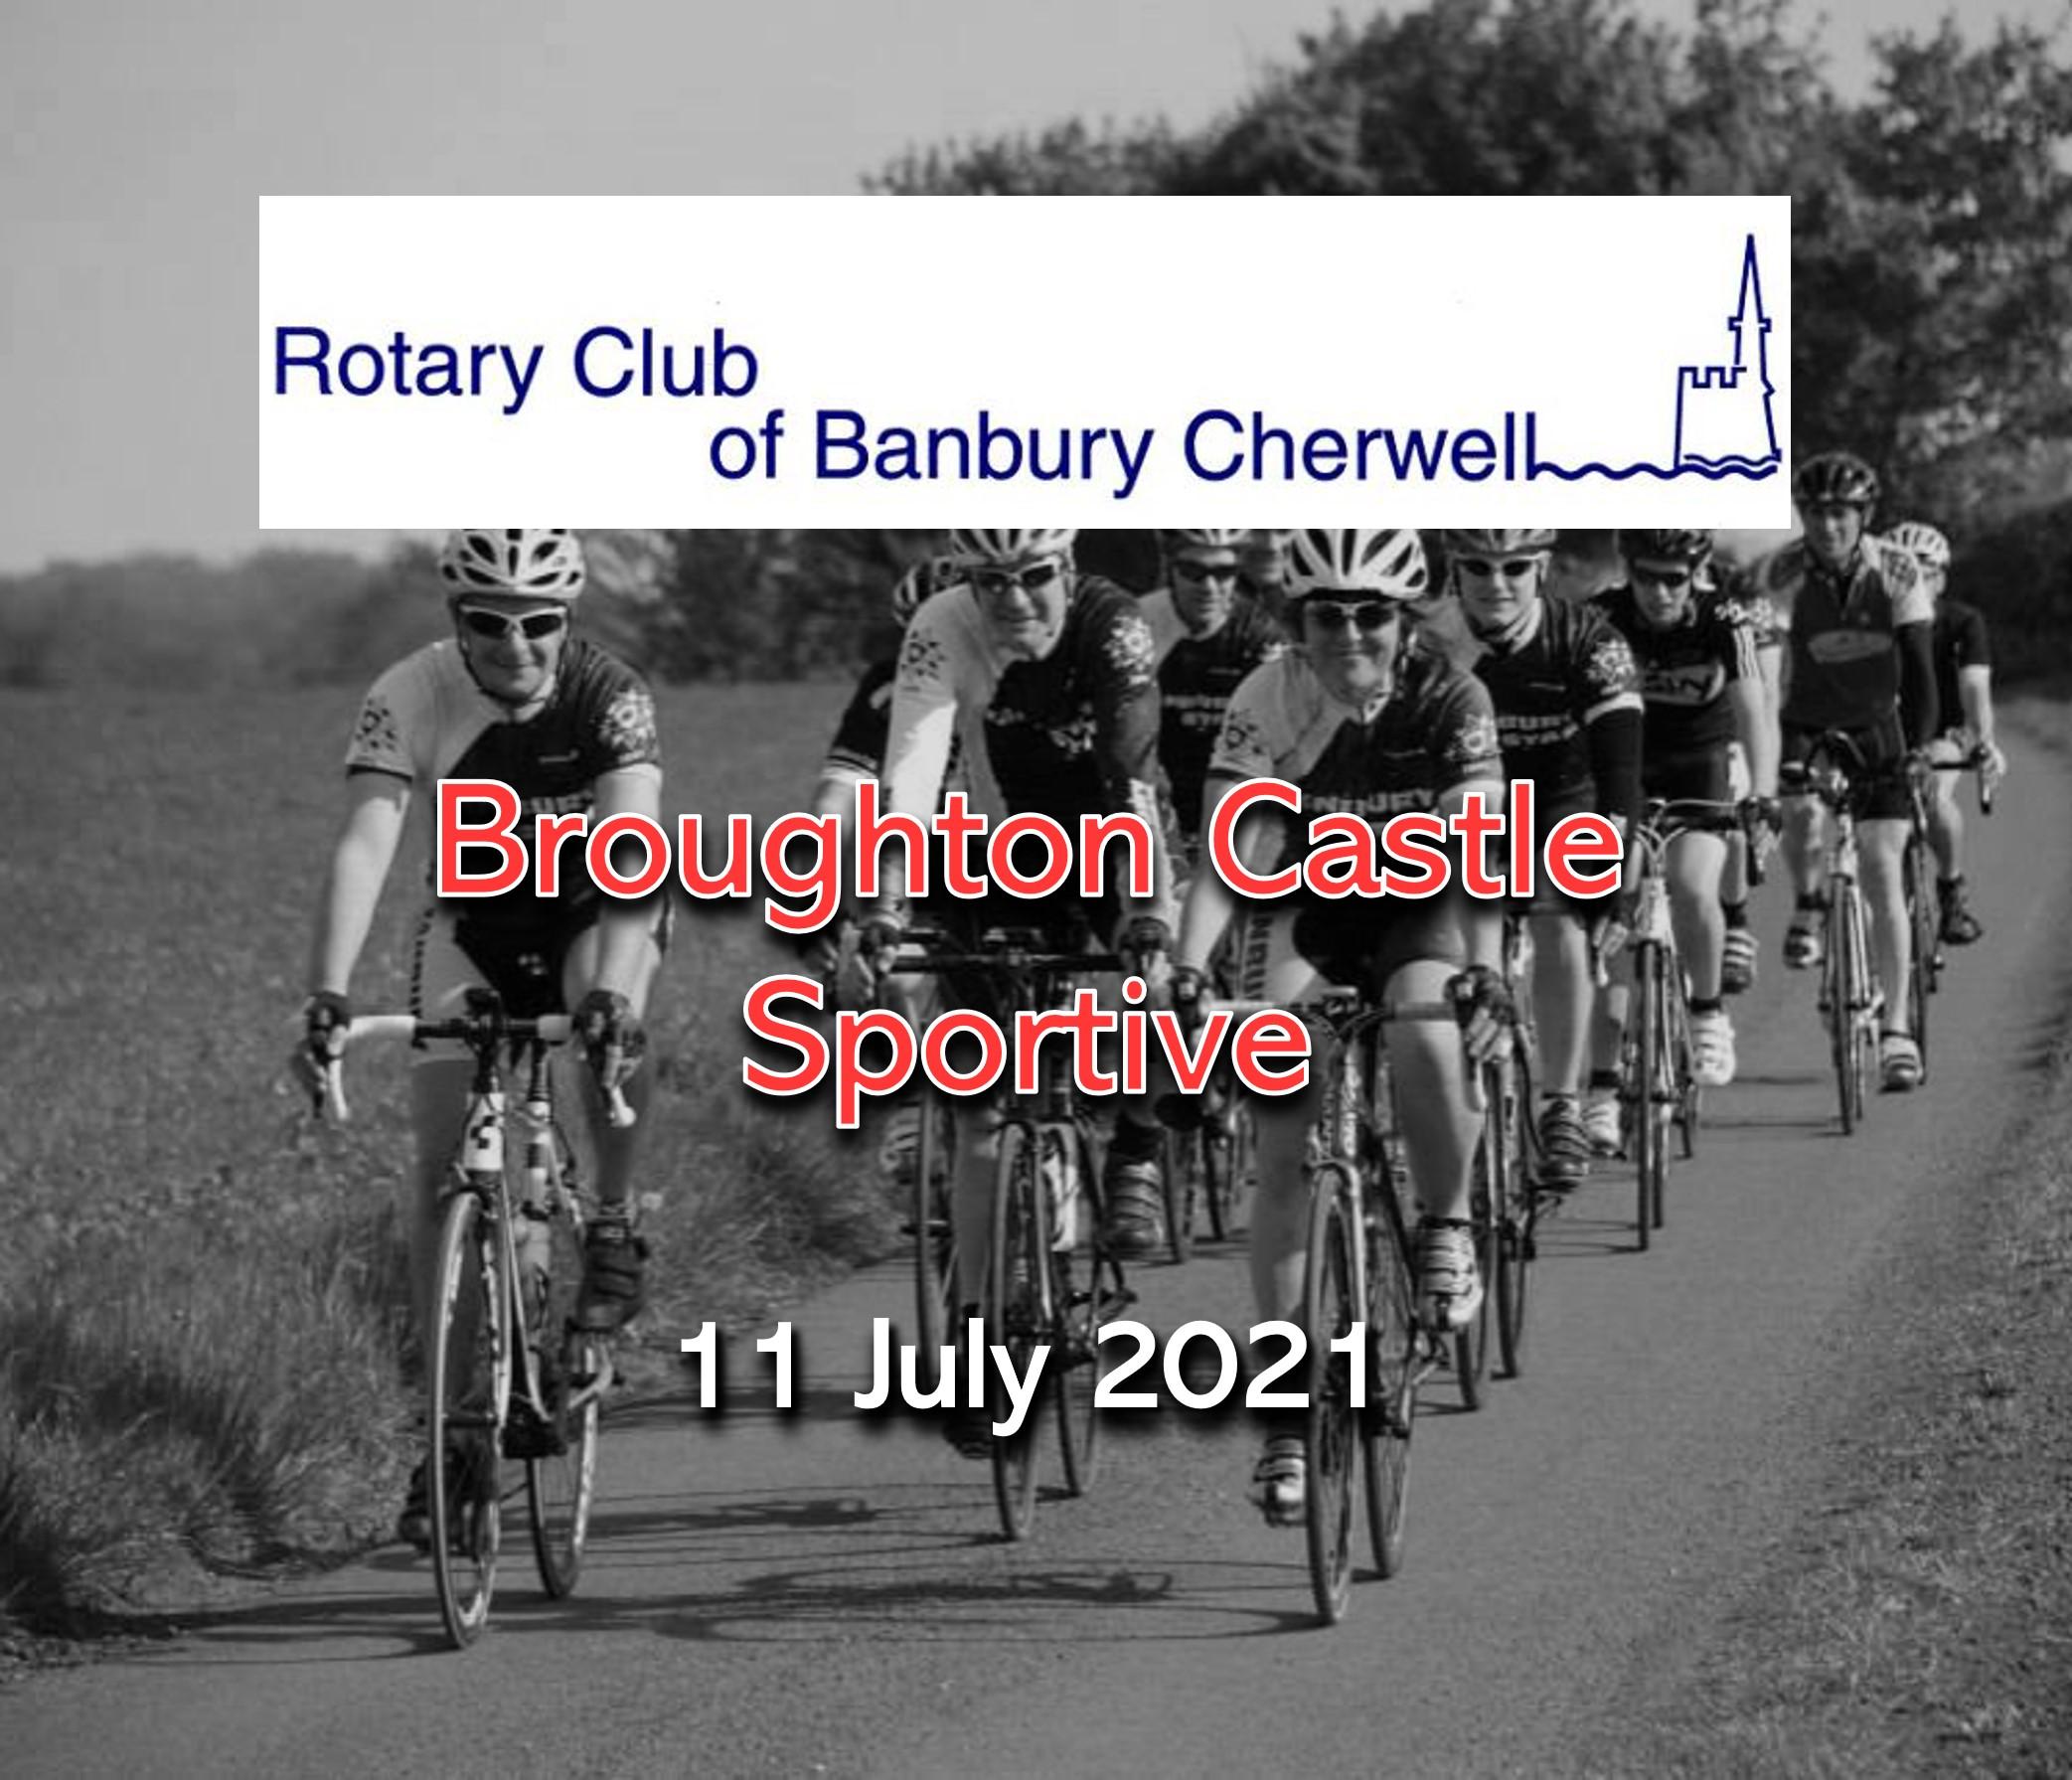 Broughton Castle Sportive